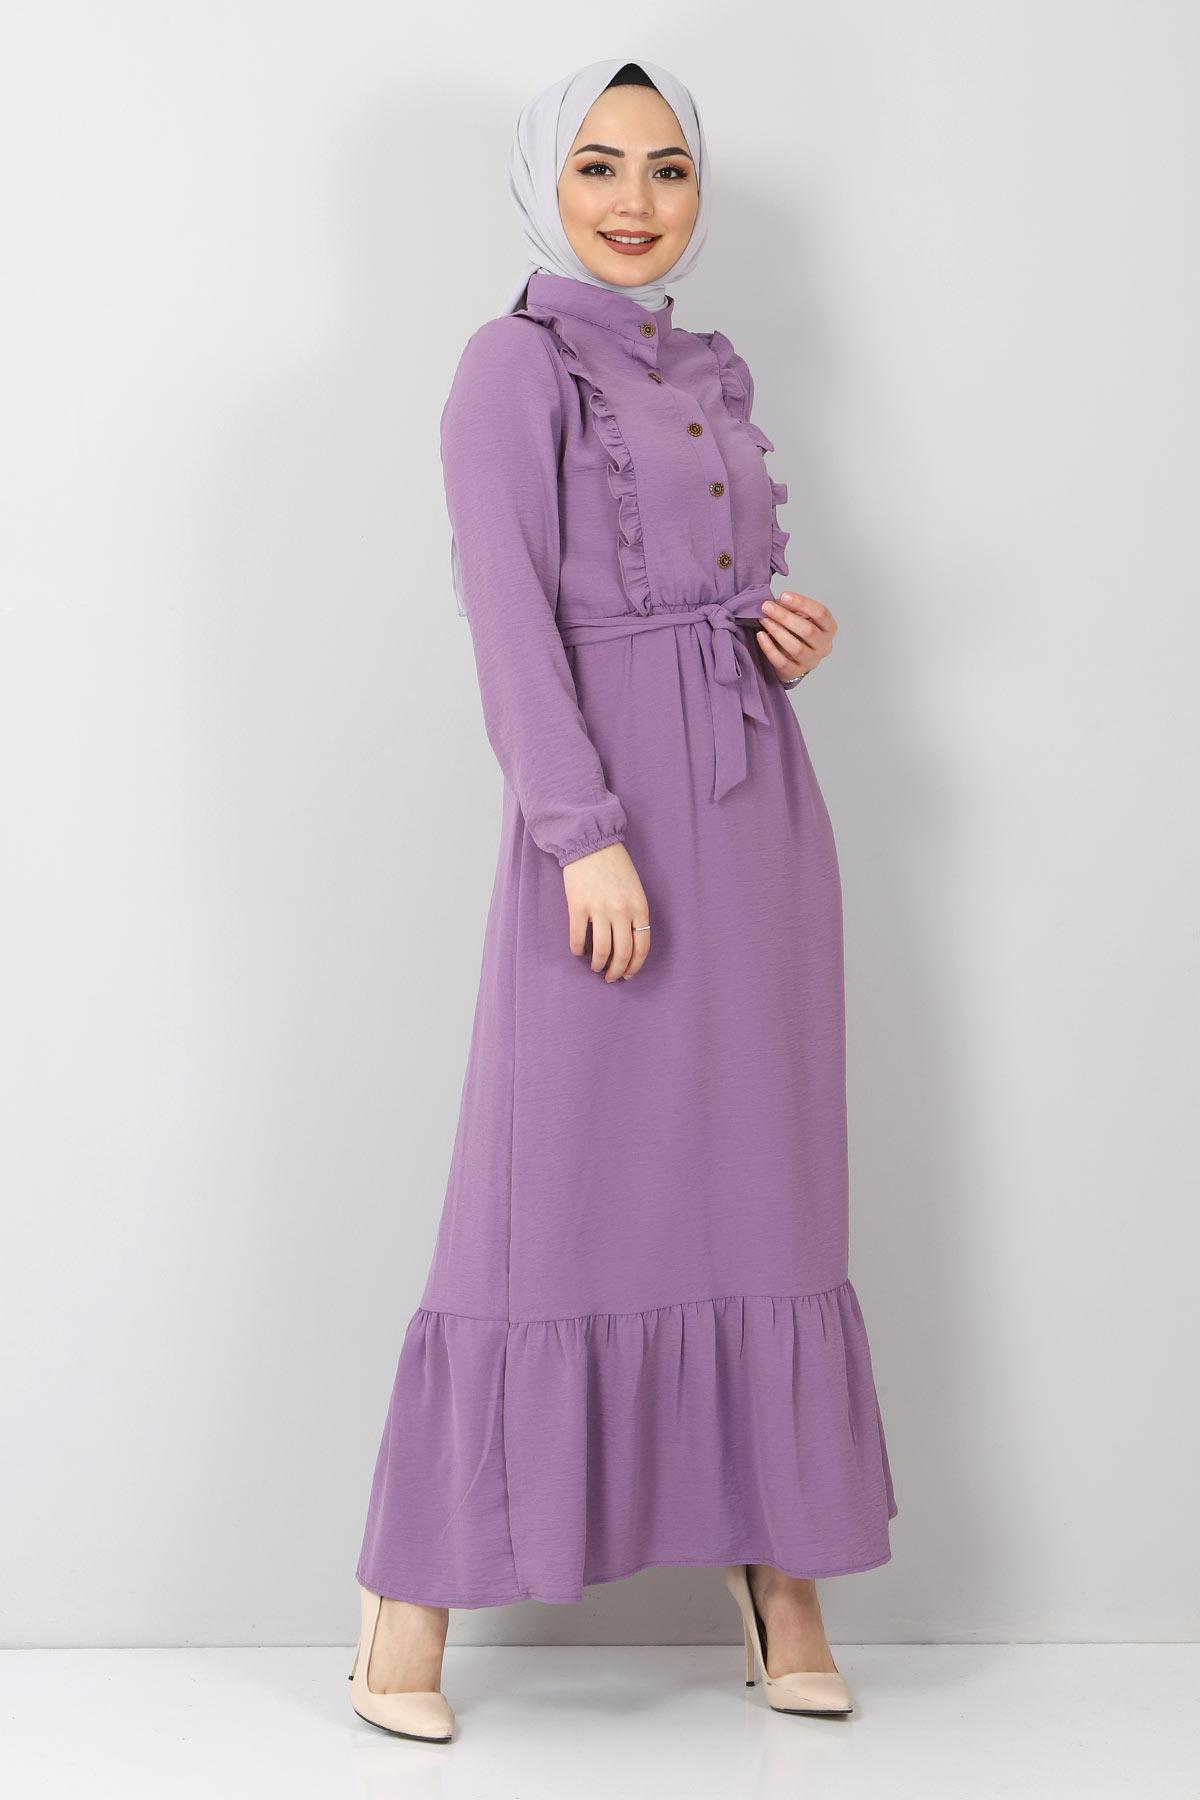 Önü Fırfırlı Ayrobin Elbise TSD11011 Lila